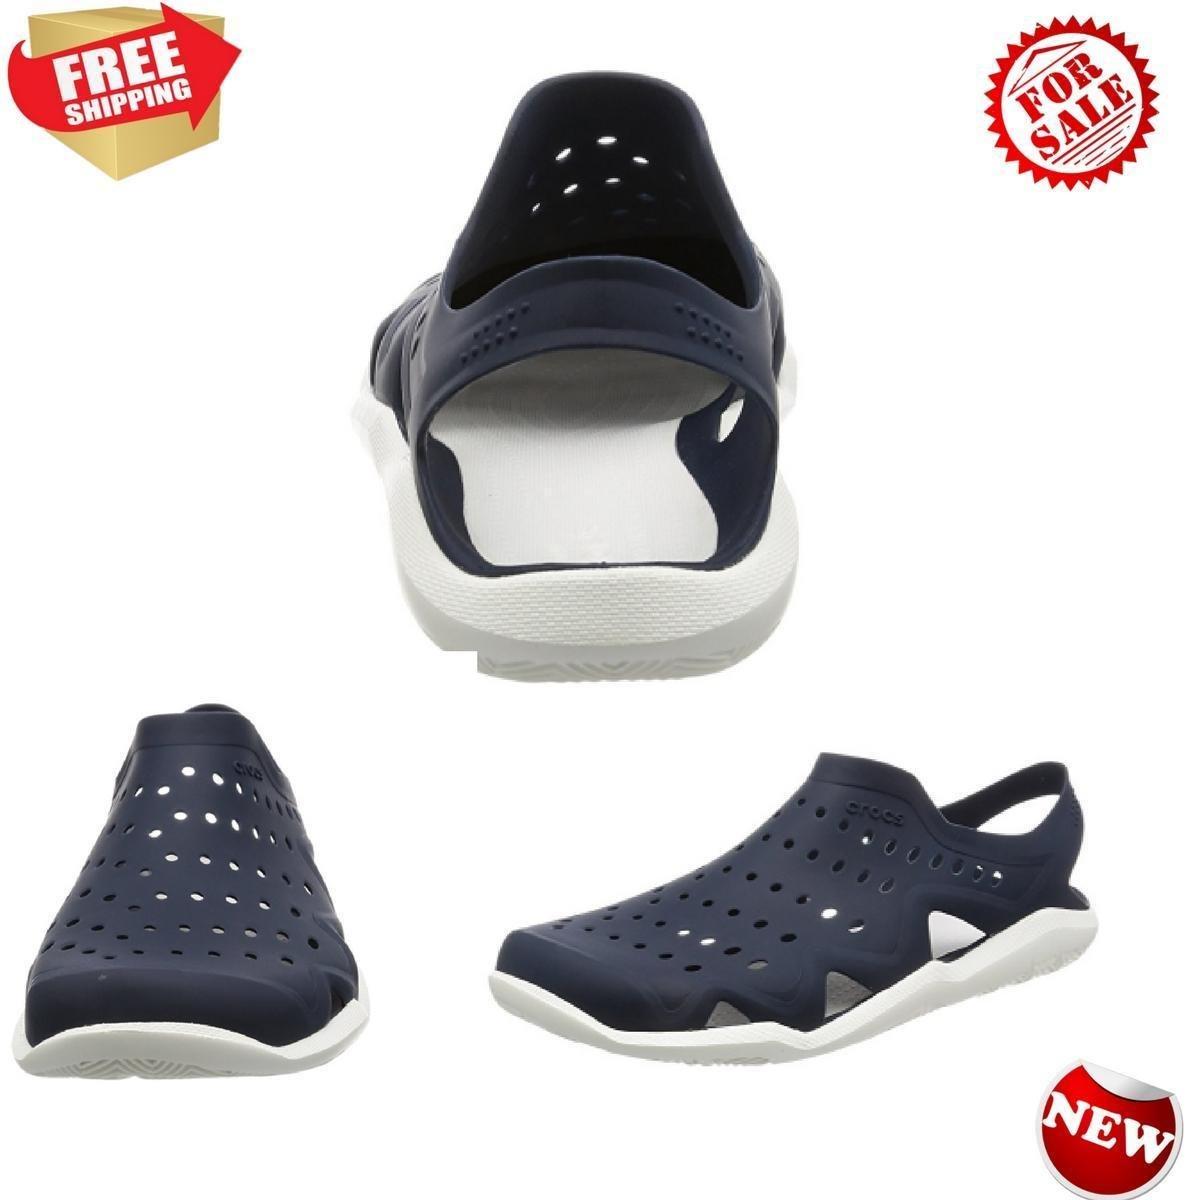 Crocs Imported Synthetic SoleWave Shoe Men Clogs Shoes Slides Sandals, Croslite